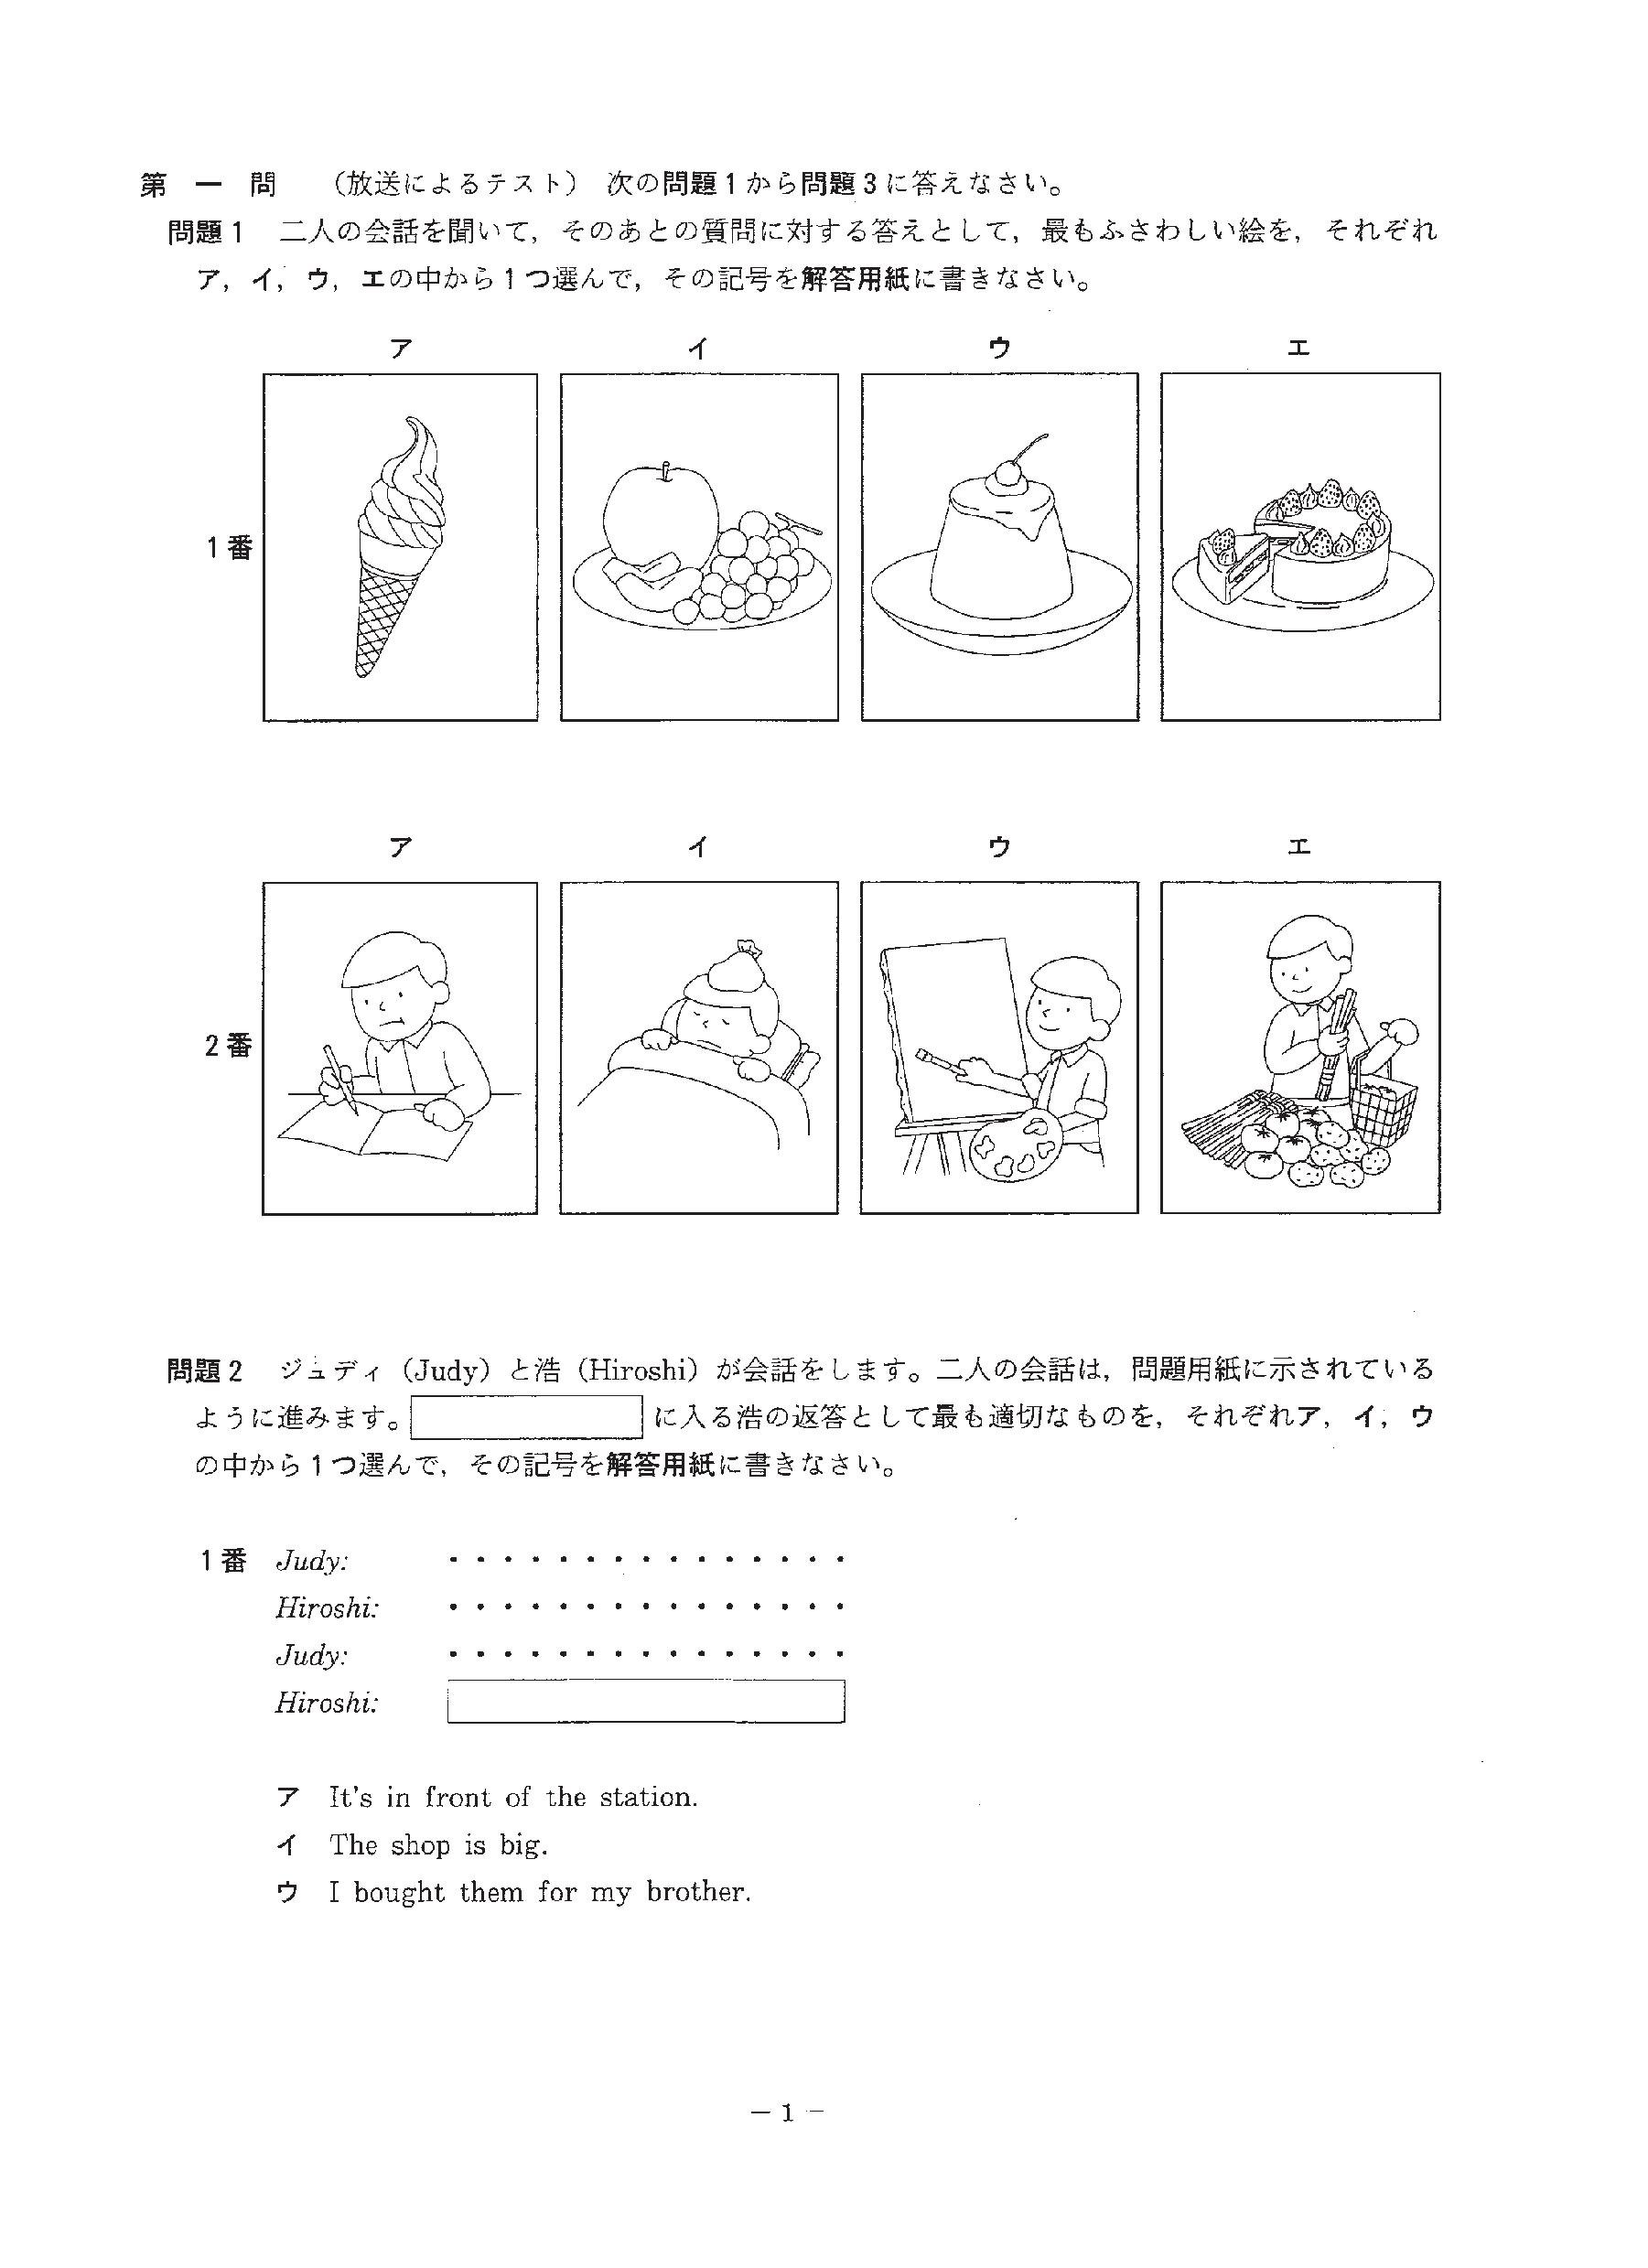 1202-p04-e1